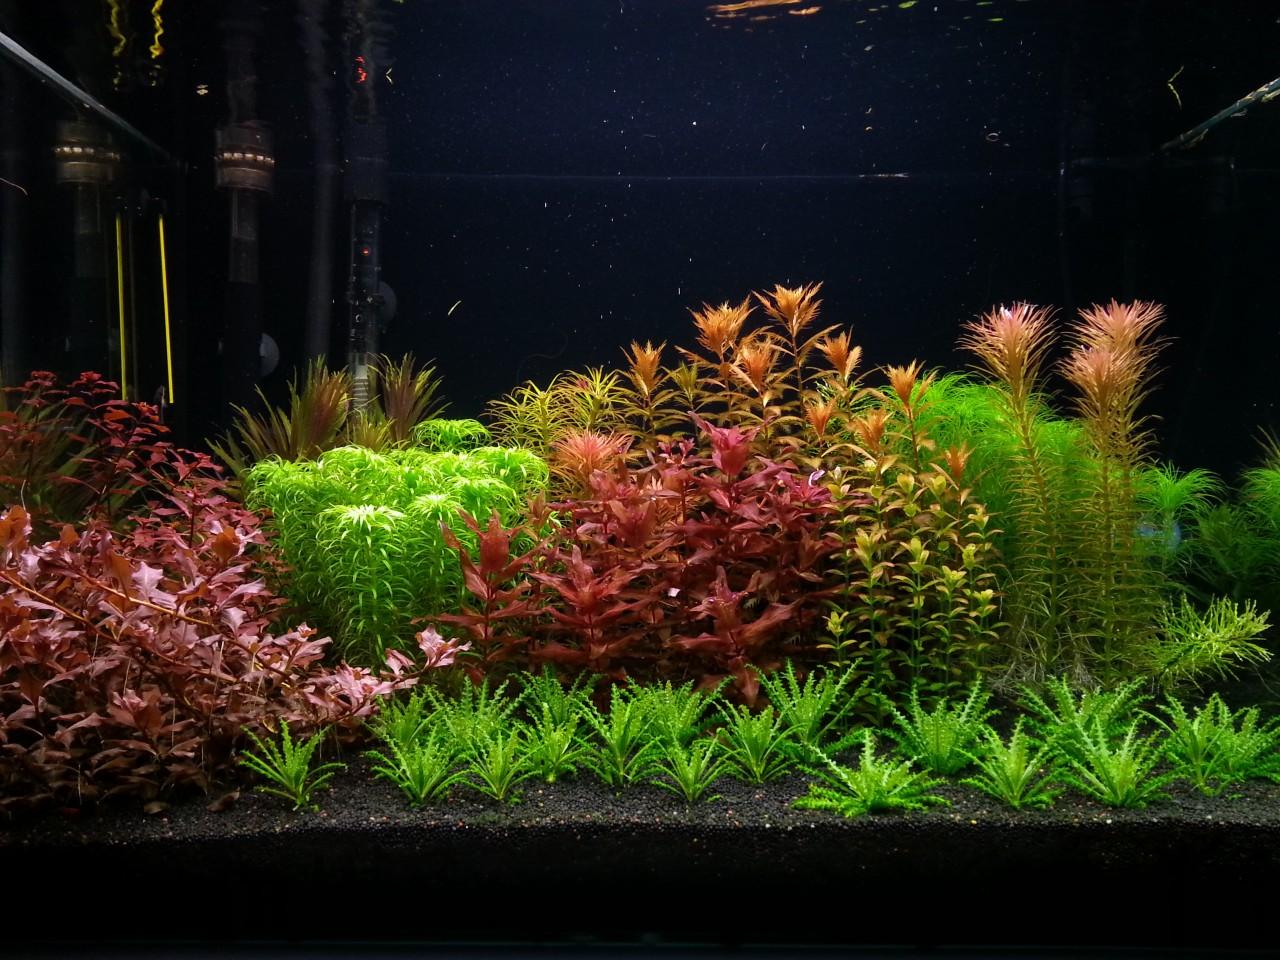 Cây sao nhỏ bên cạnh các cây thủy sinh khác